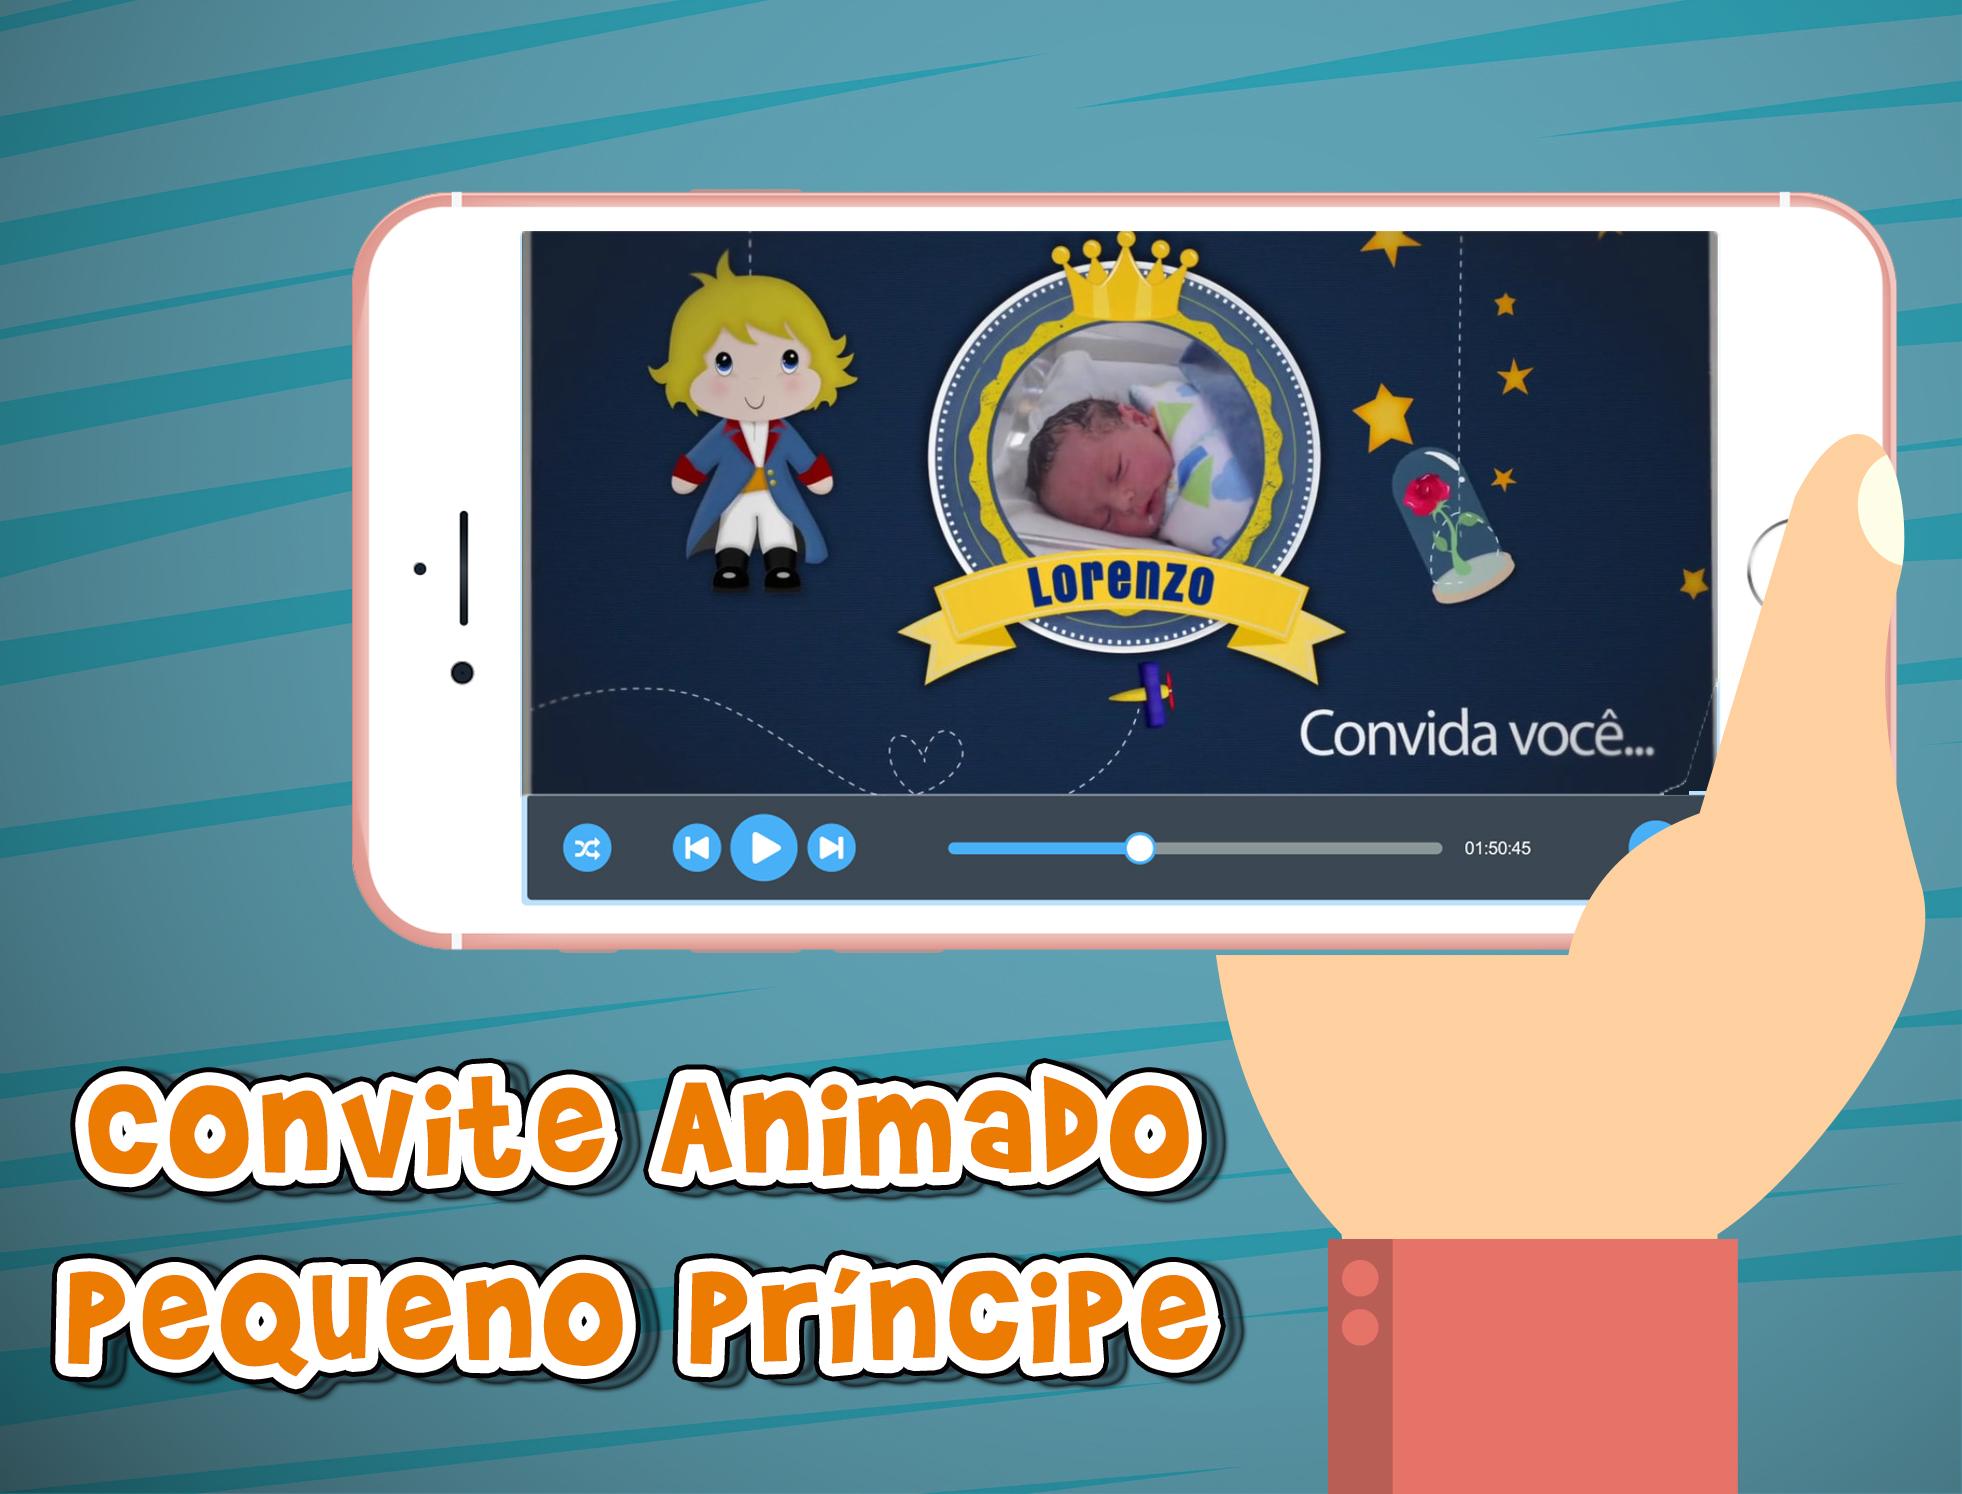 Convite Animado Virtual Pequeno Príncipe